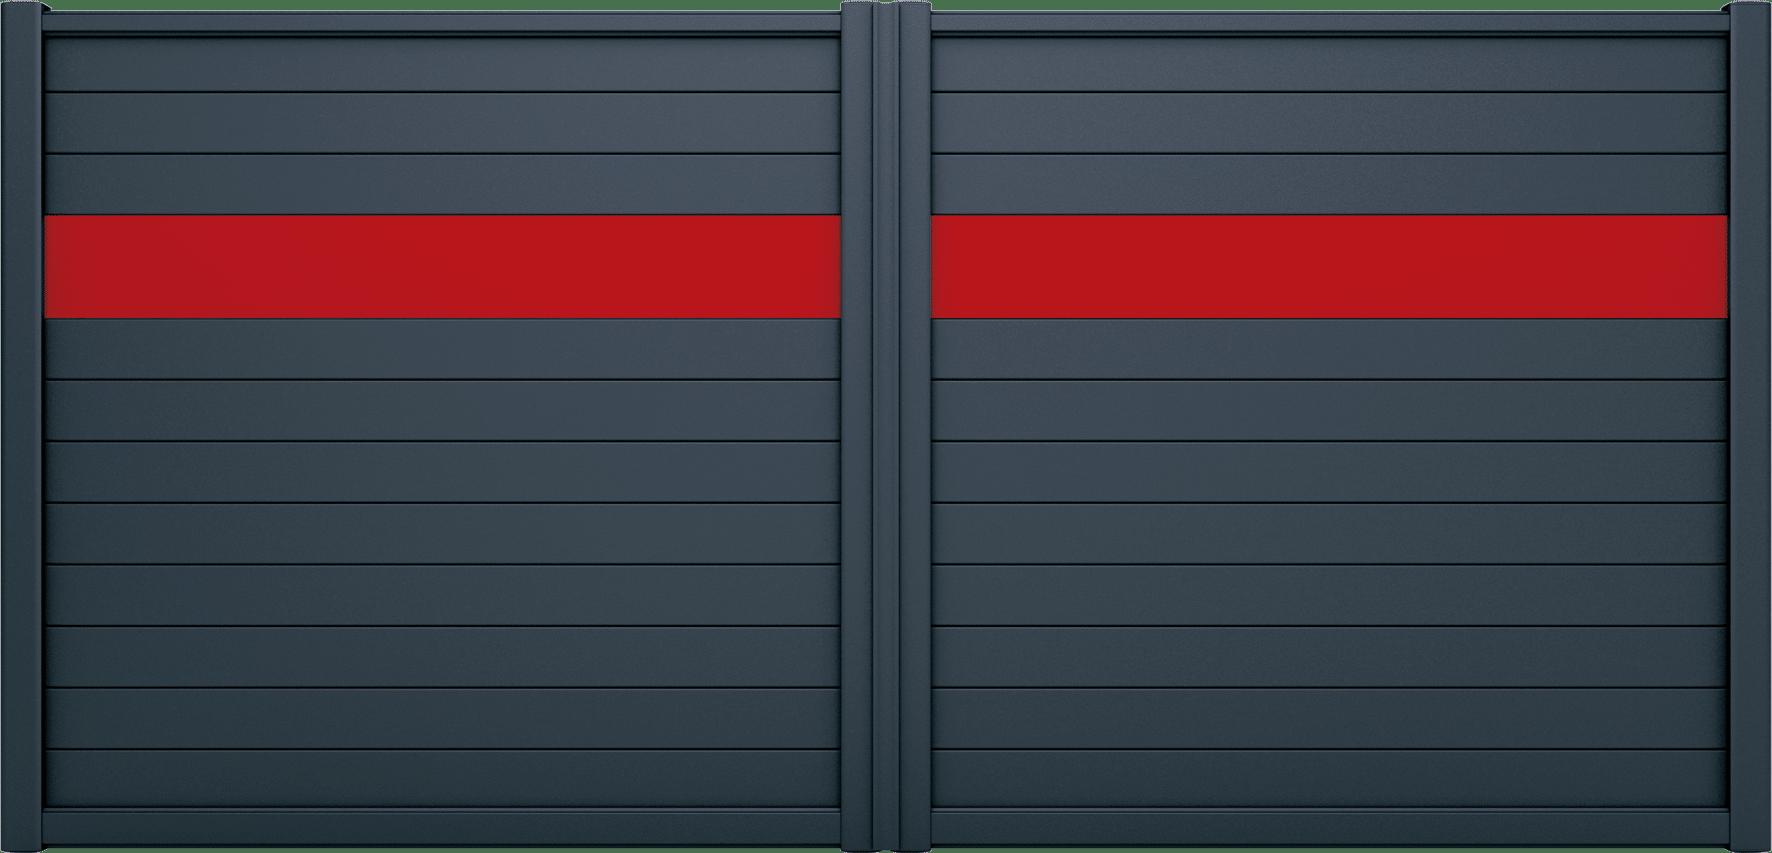 Portail aluminium Hégoa   Les modèles essentiels | Charuel